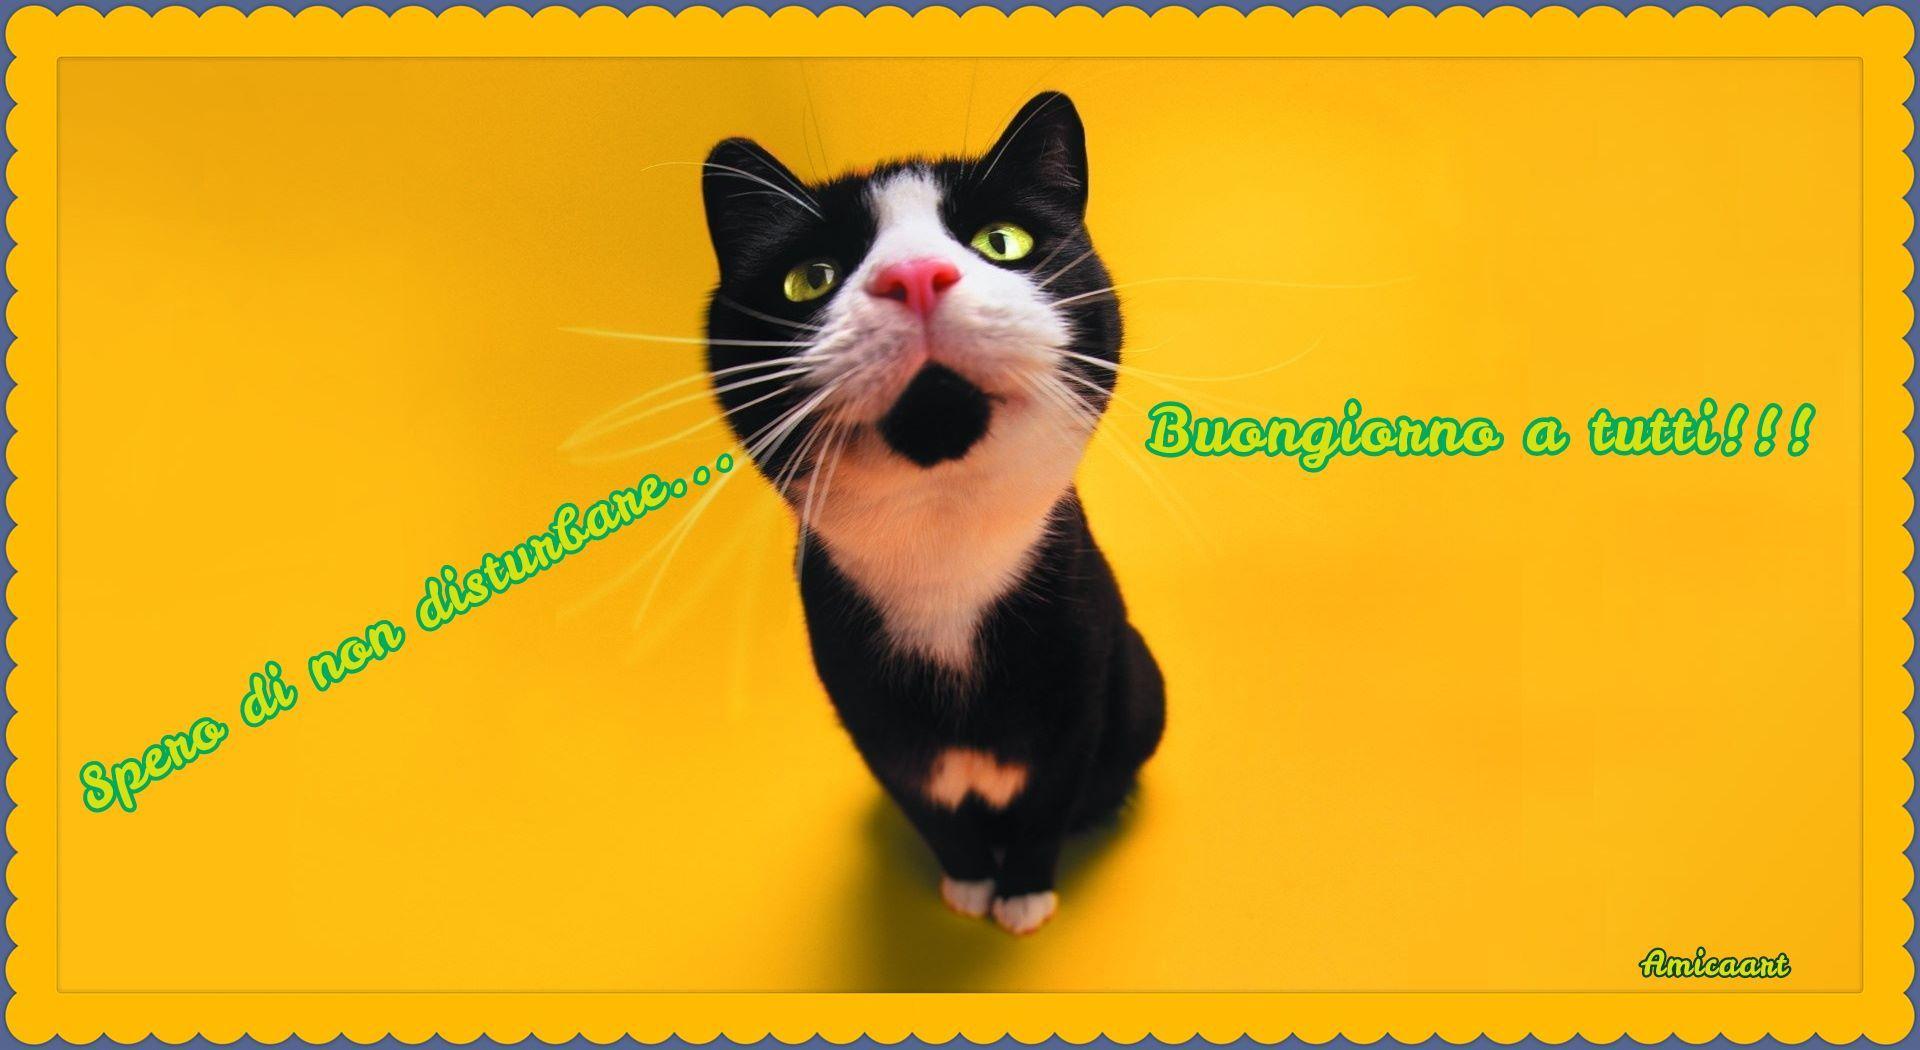 Buongiorno scarica immagine o condividi images and gif for Buongiorno con gattini